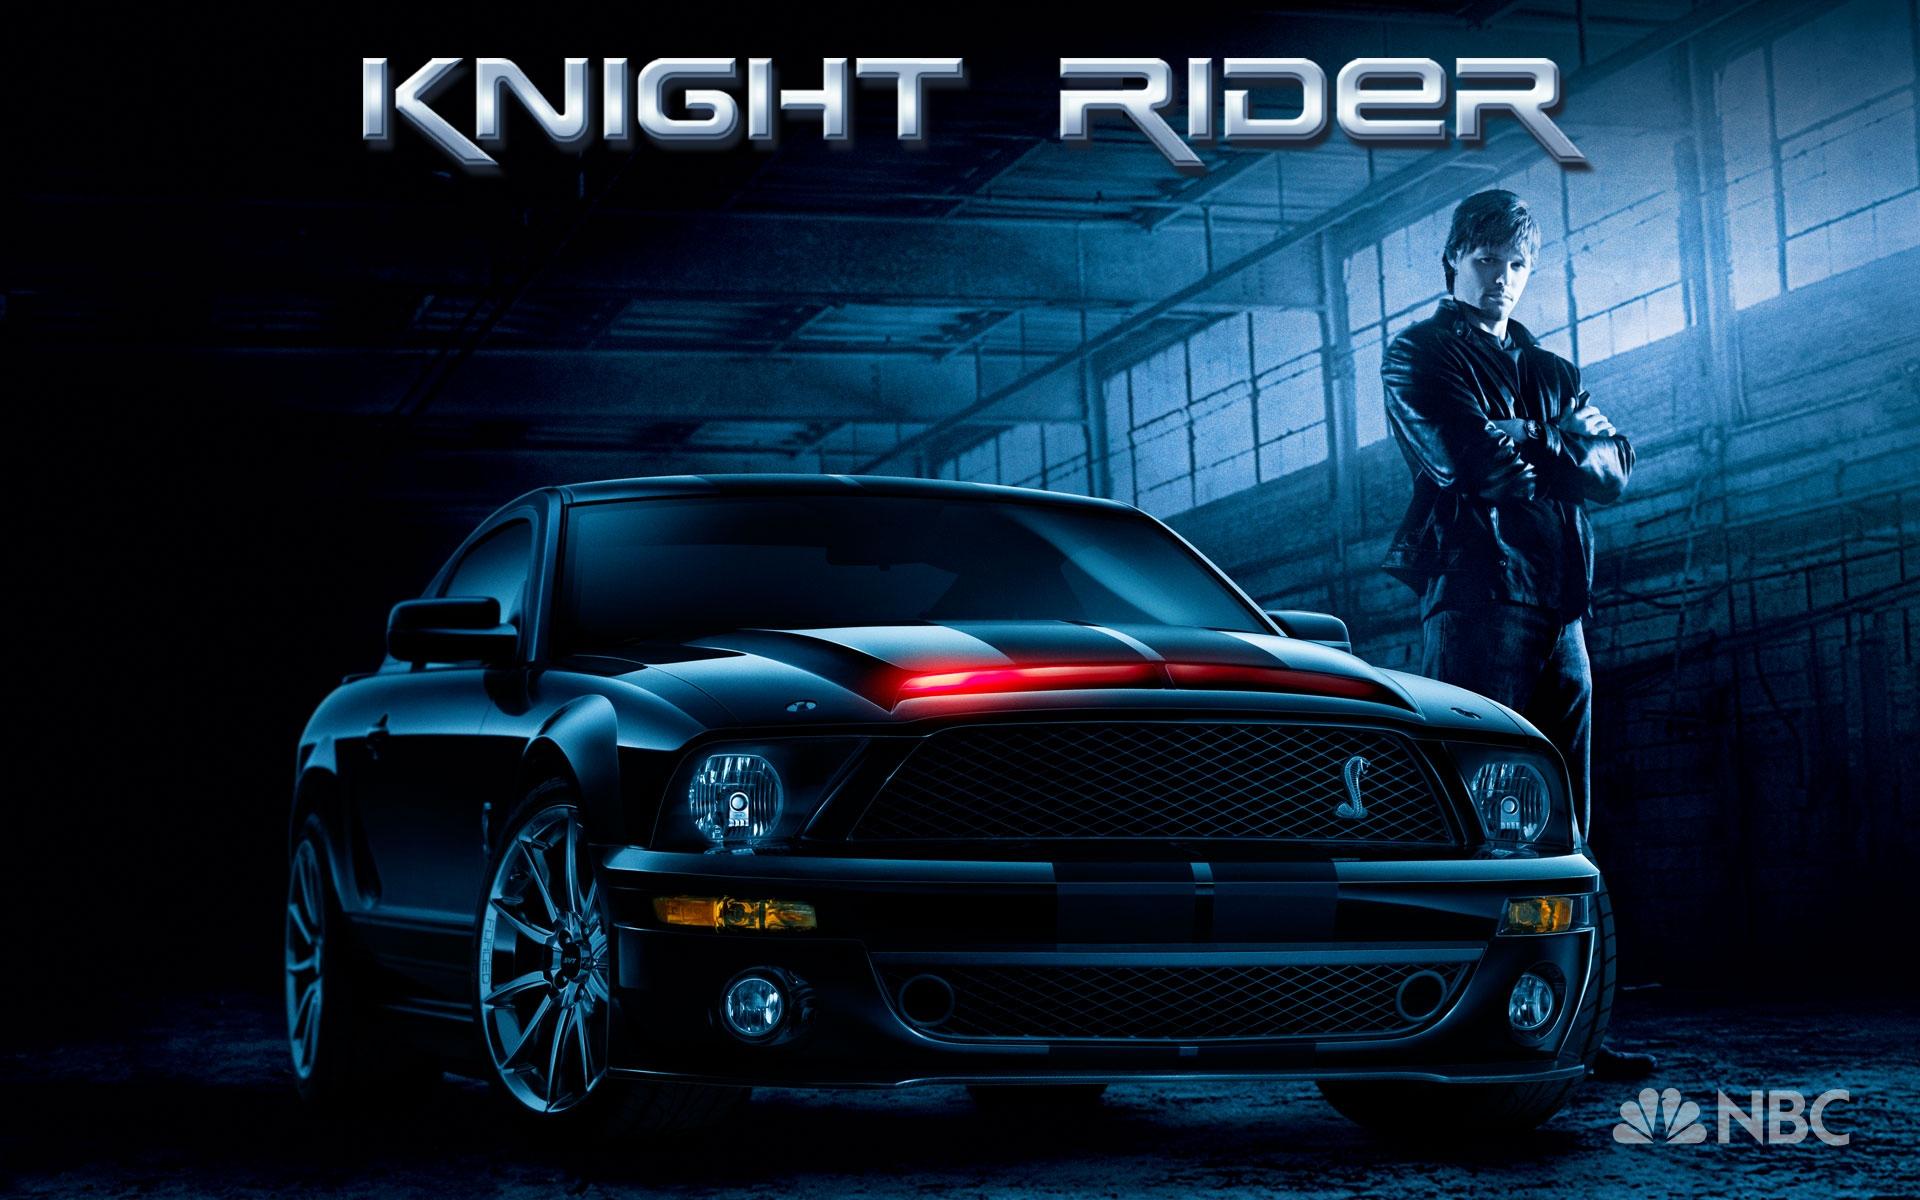 Knight Rider Fondos de pantalla gratis 1920x1200